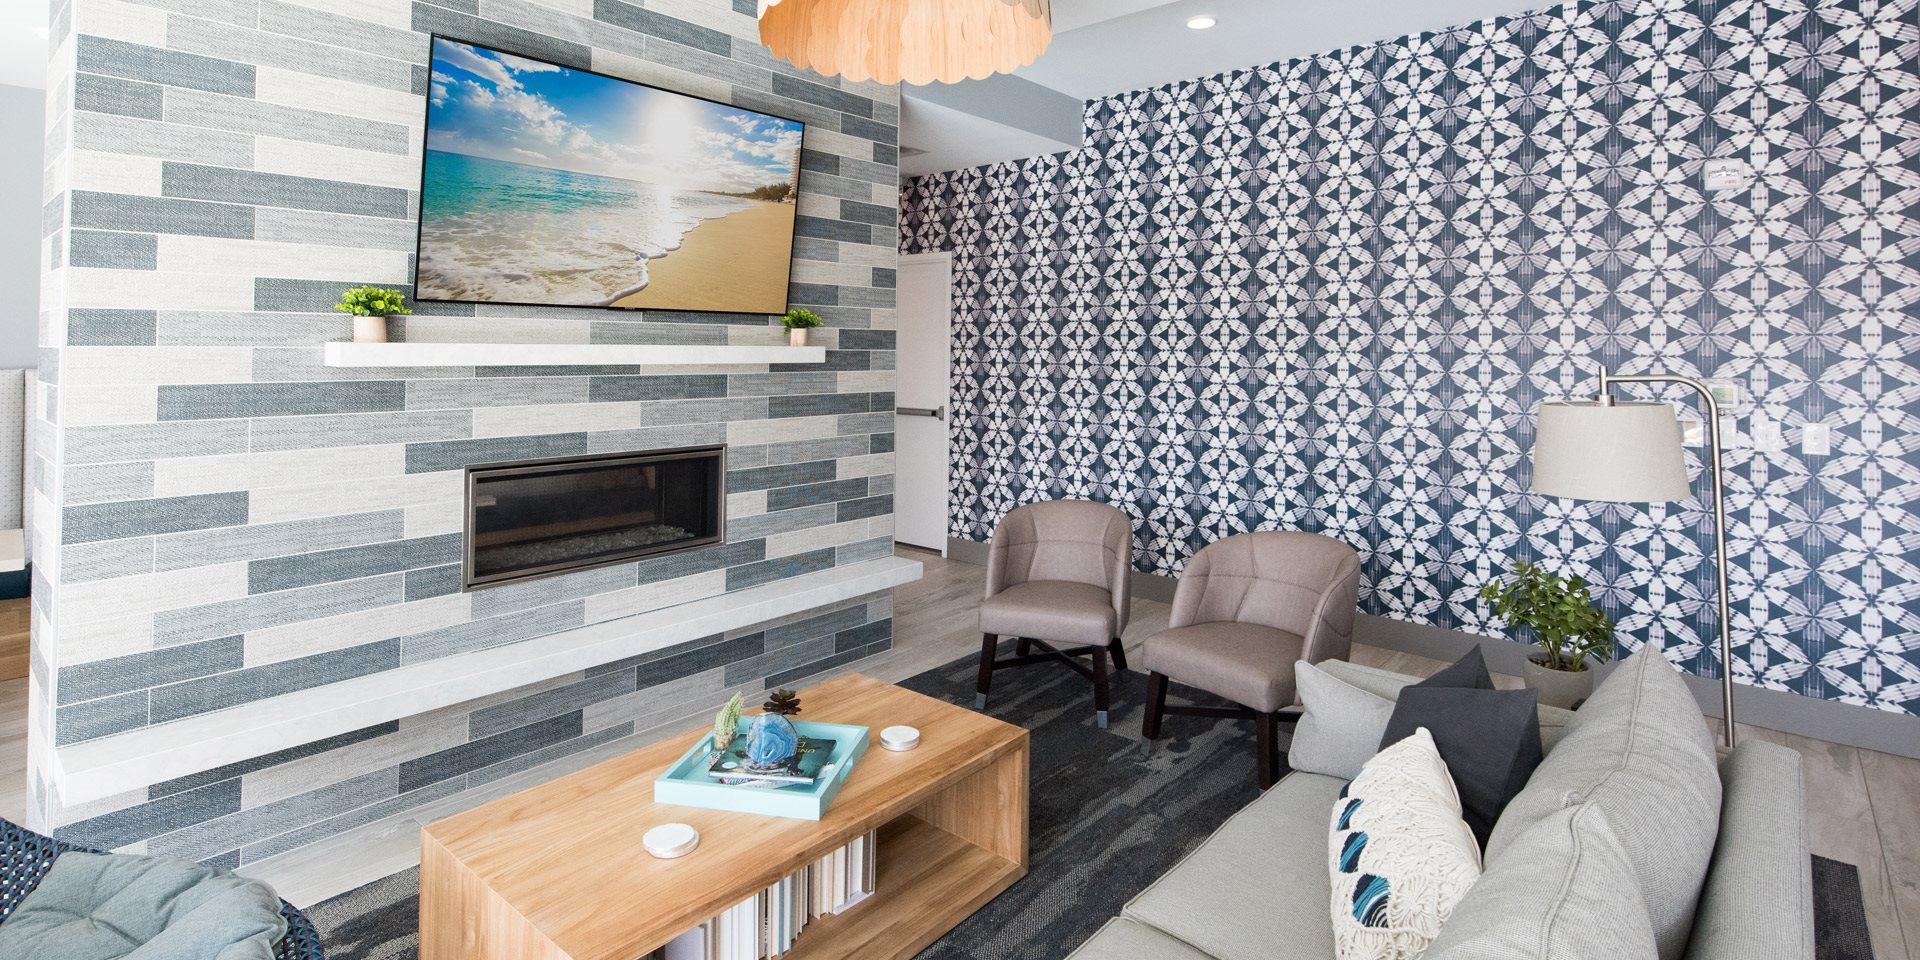 Talo Apartments Common Area